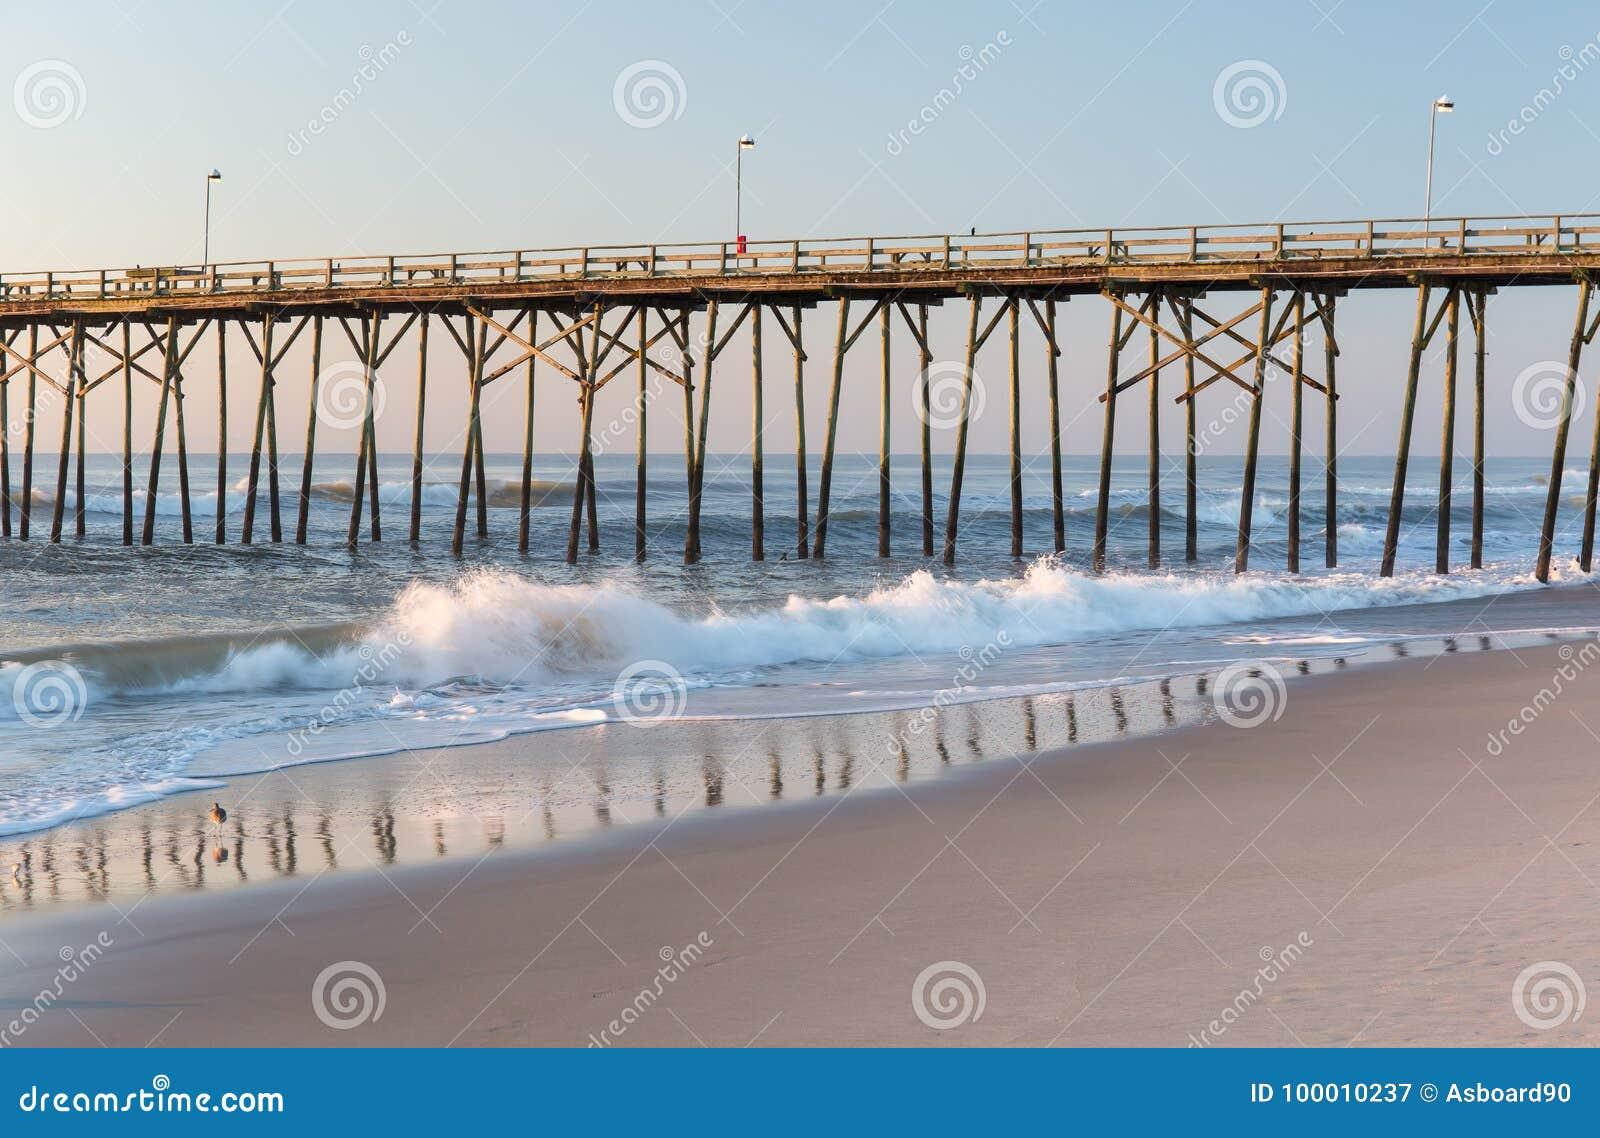 Fiskepir på den Kure stranden, North Carolina